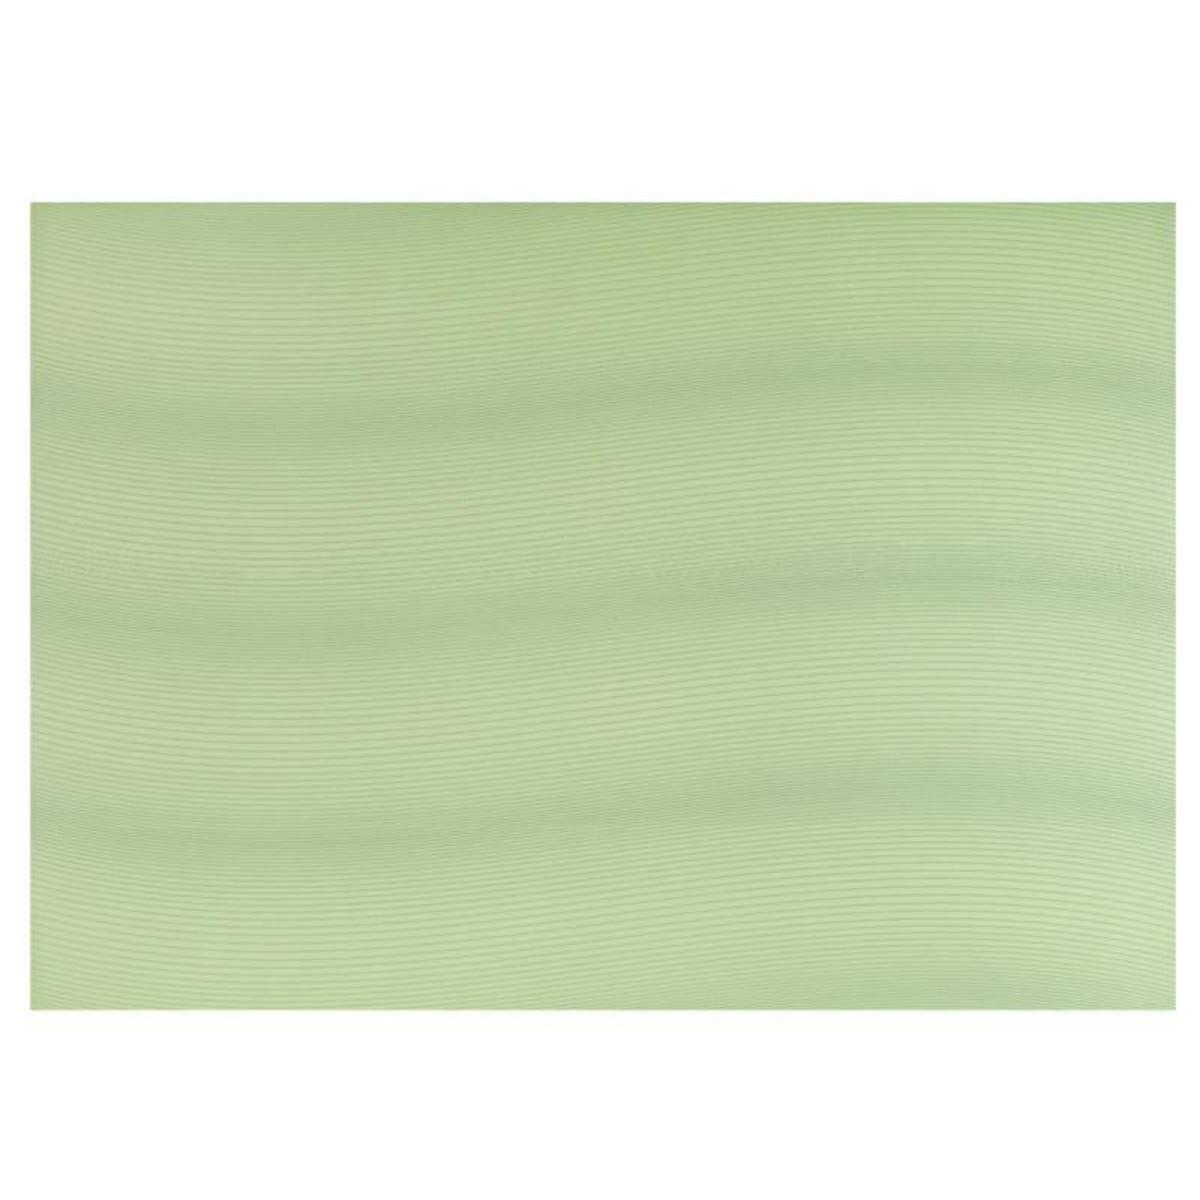 Плитка настенная Cersanit Diana 25x35 см 1.4 м2 цвет зеленый